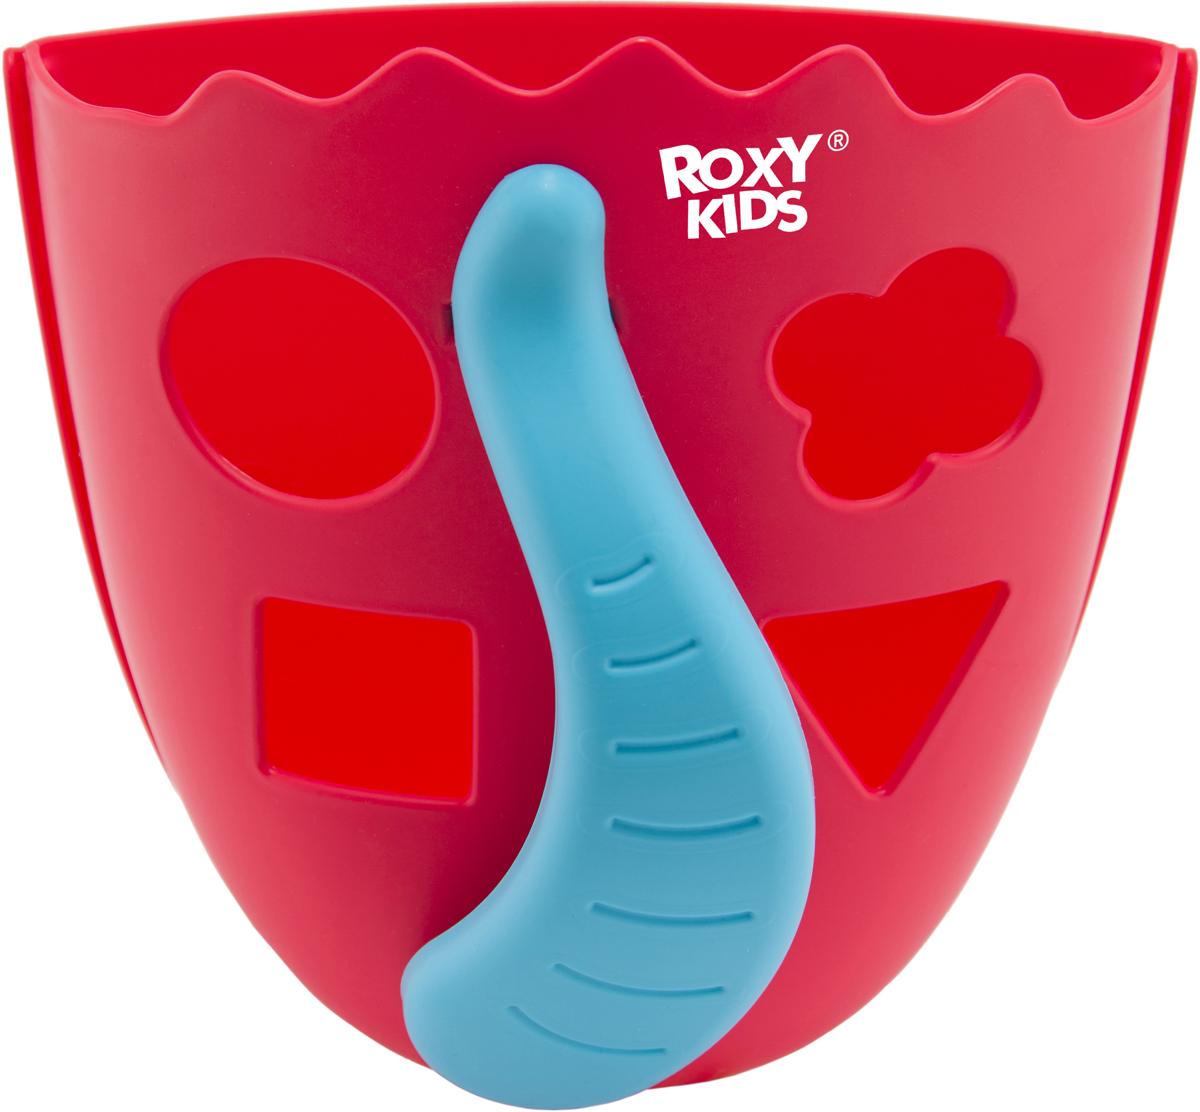 Roxy-kids Органайзер для игрушек Dino цвет коралловый синий